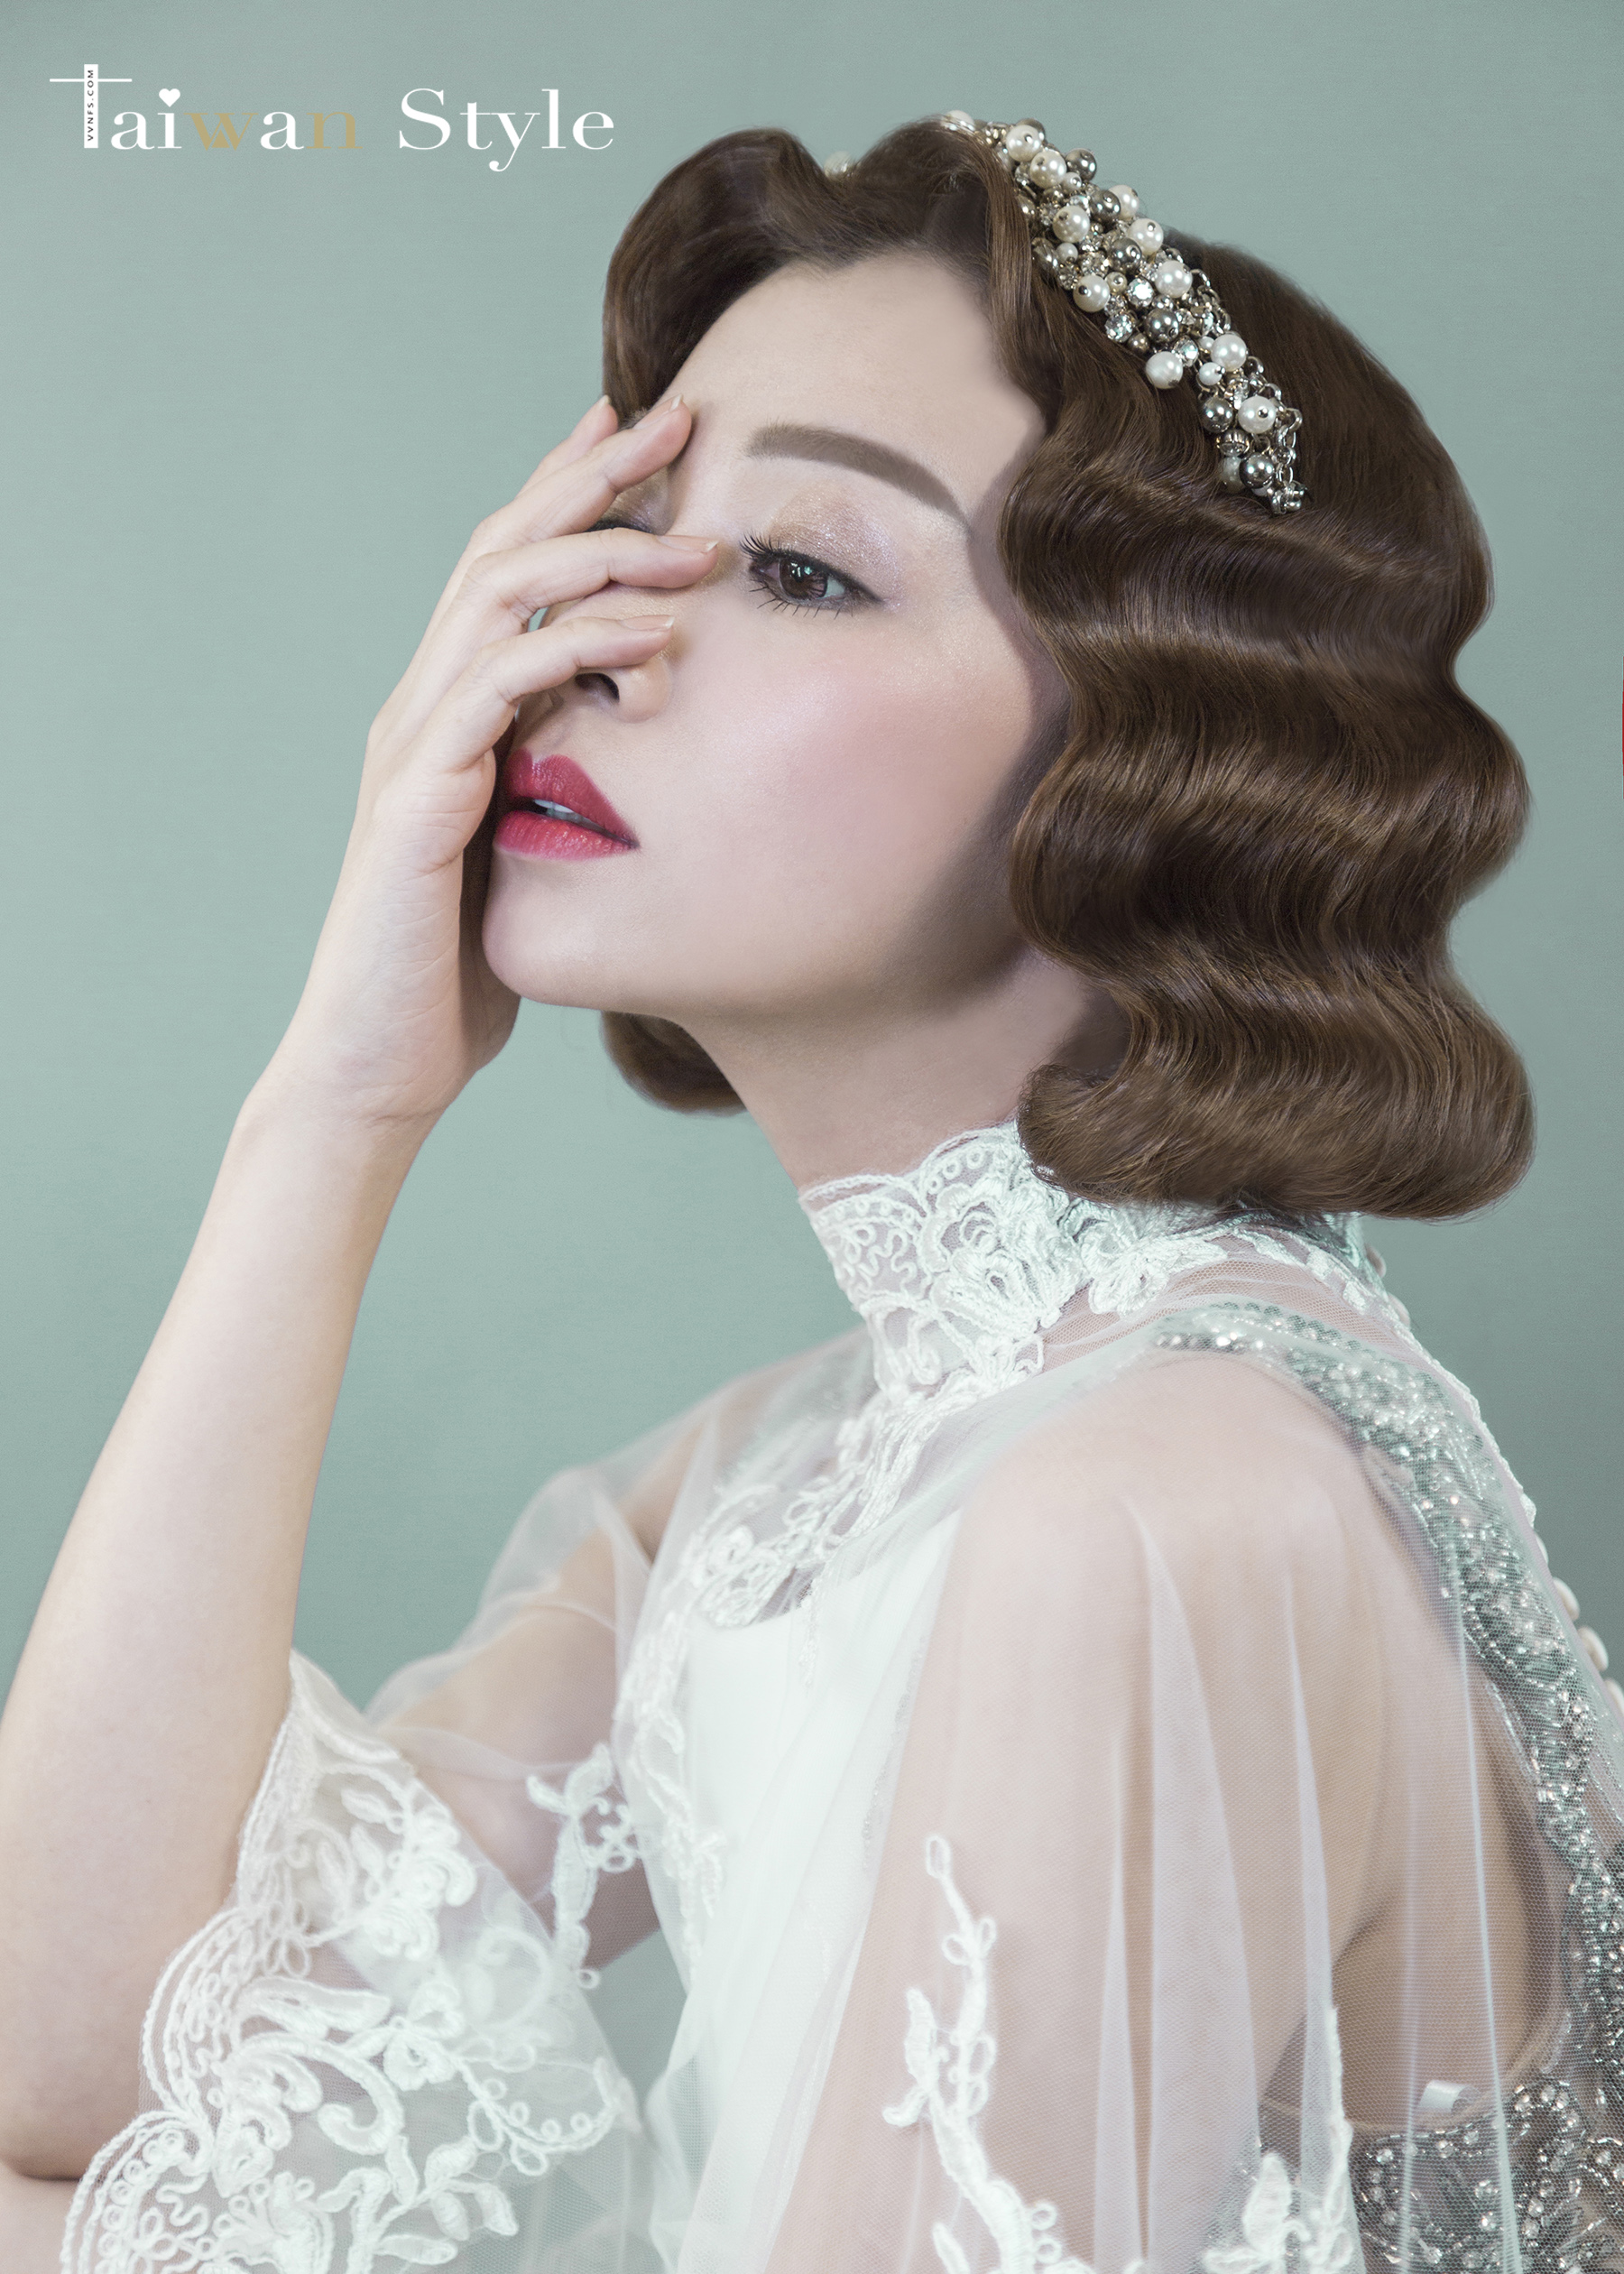 看見台灣百年婚紗之美-1960奶奶時代-新娘物語 x VVNFS方美玉台南新秘2